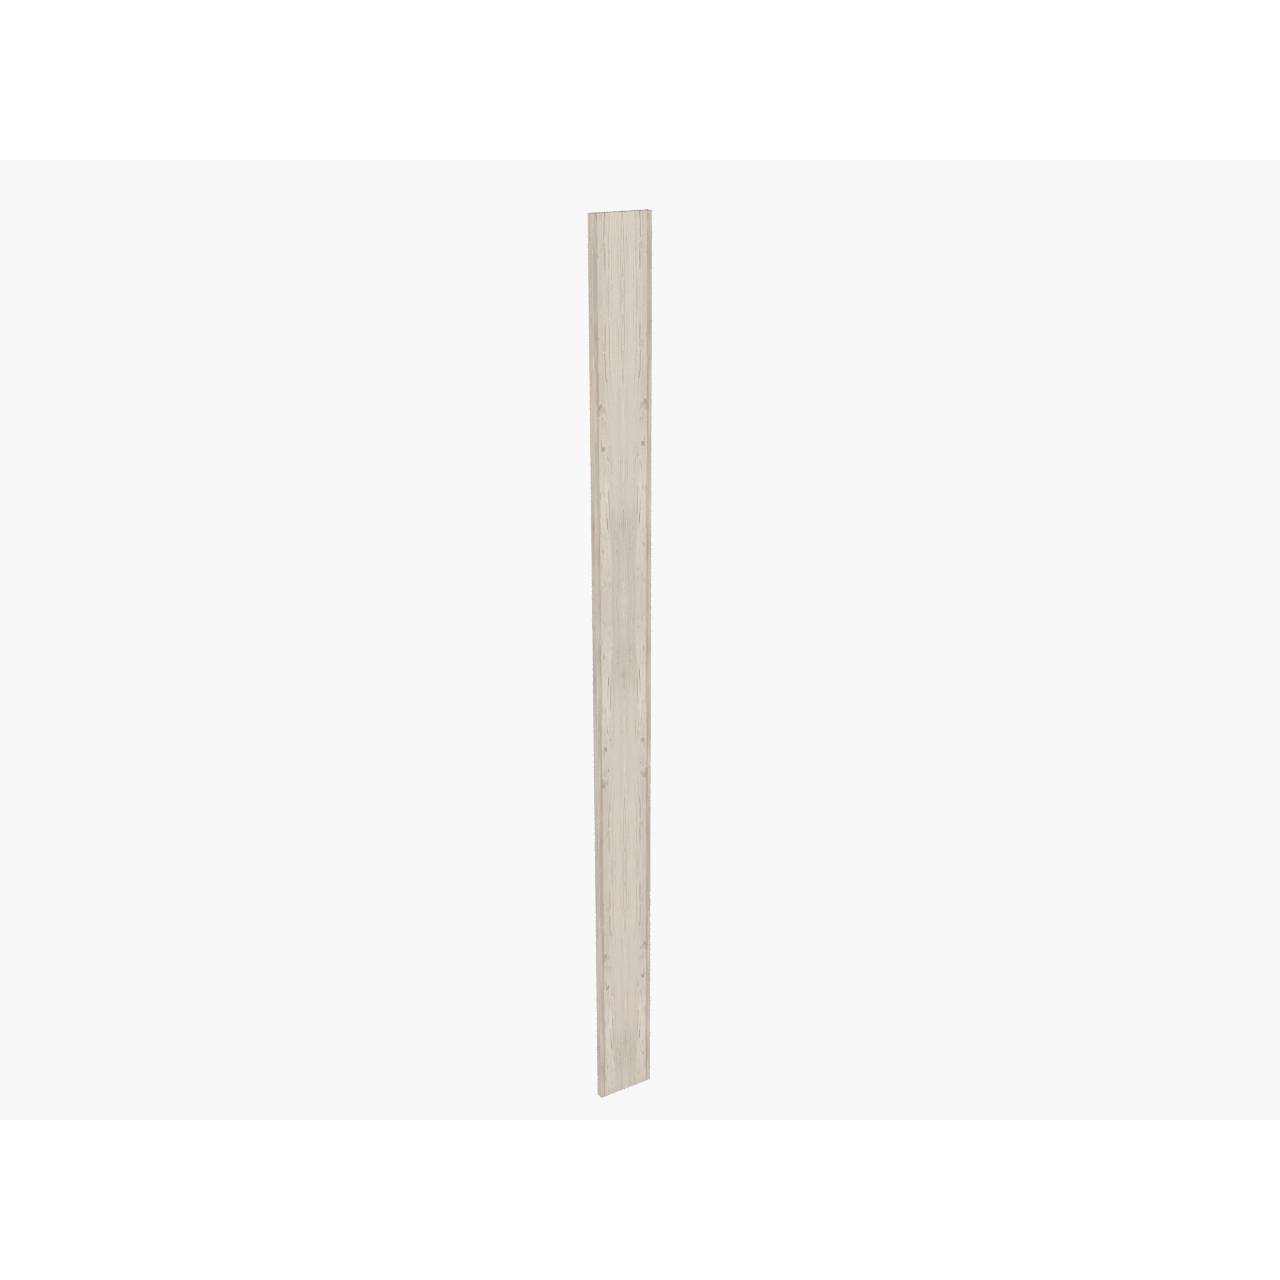 Фарамант - Фасад БН-51 сосна винтер